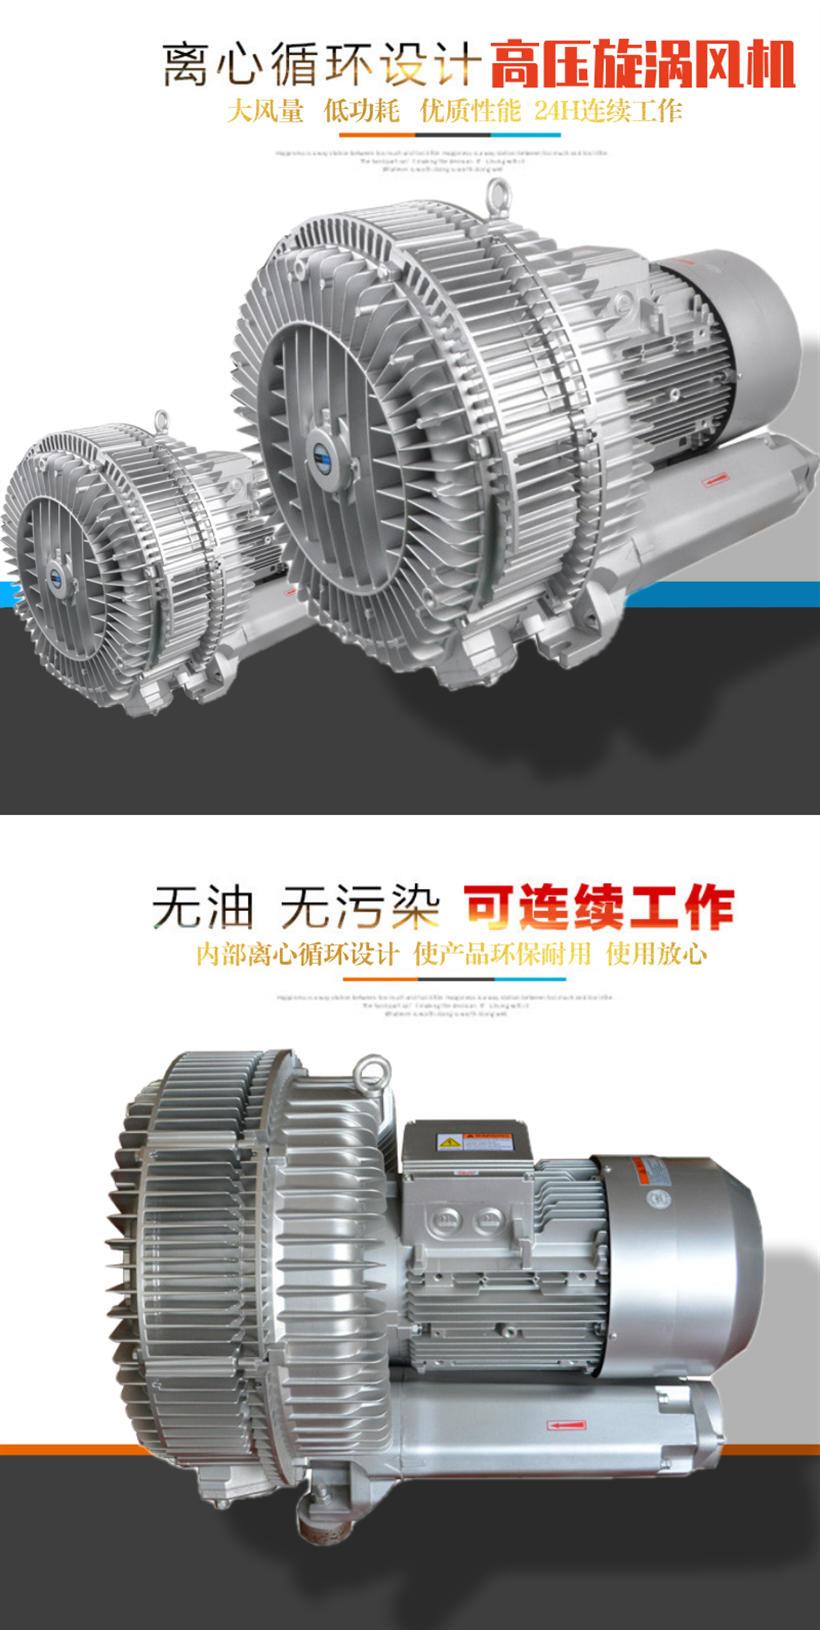 TWYX纸张吸附高压风机RB系列高压风机 YX系列旋涡气泵一体化污水曝气铸铝全风高压风机示例图3